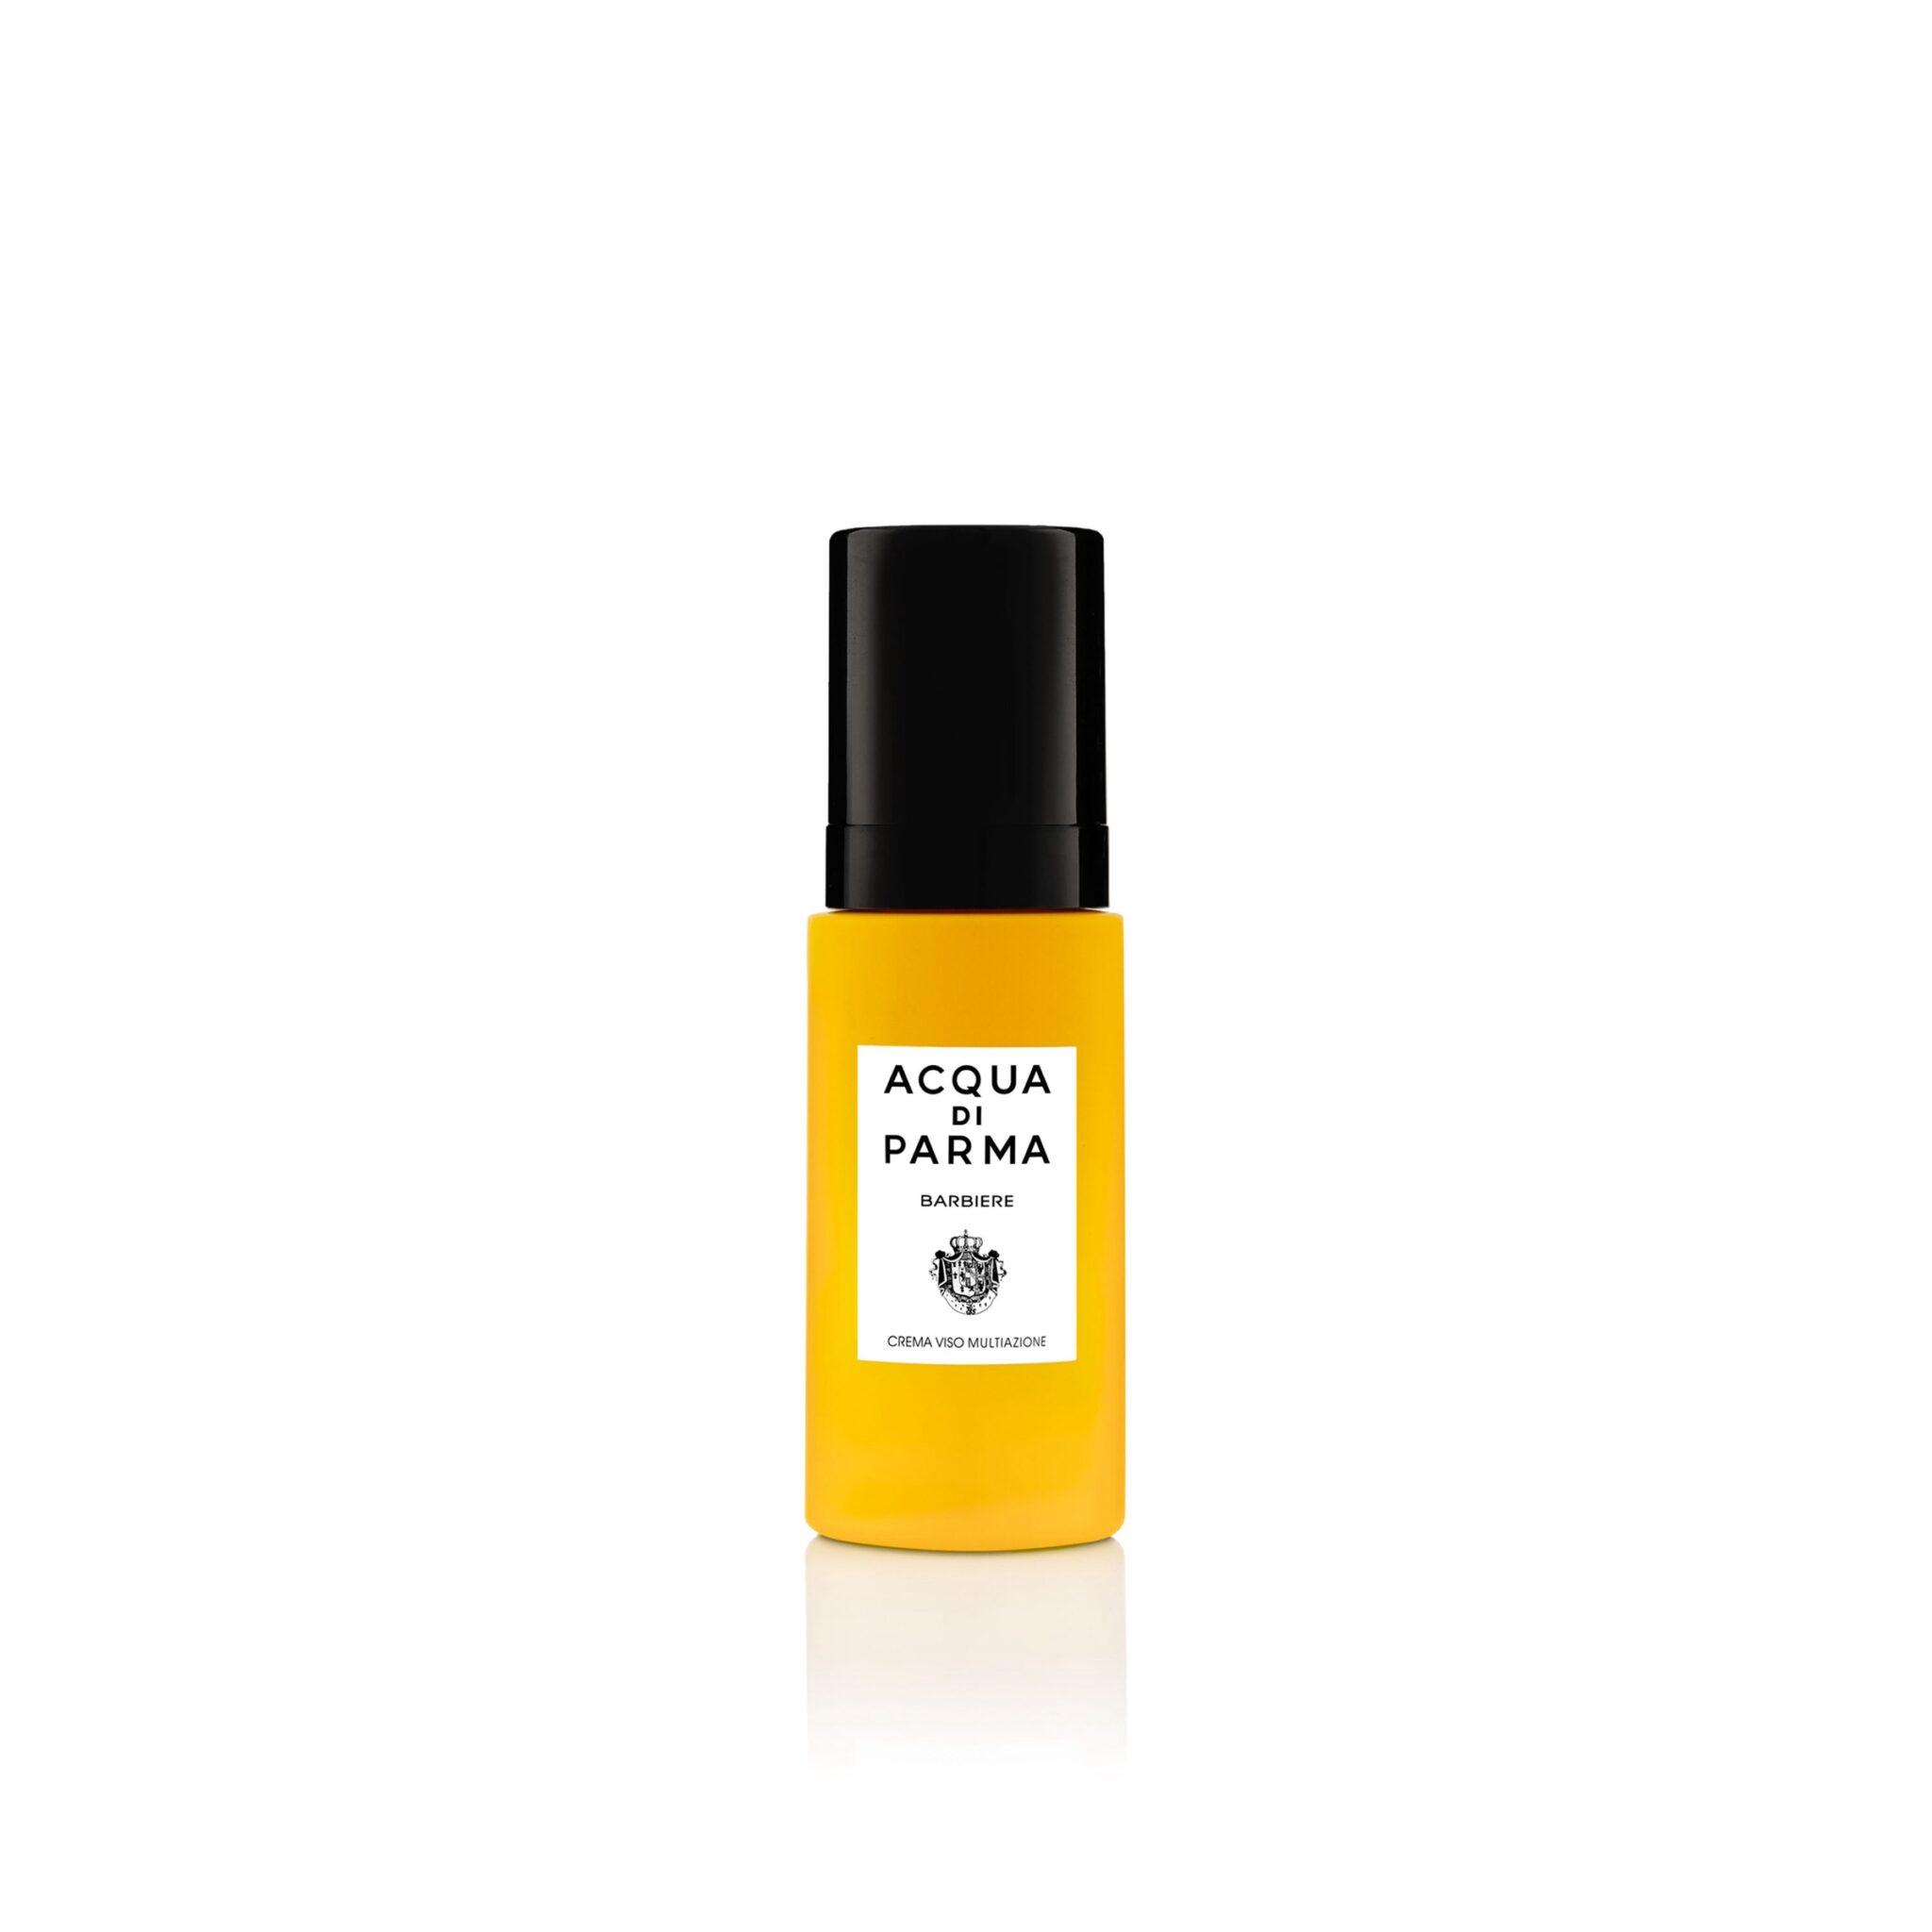 La crema viso Acqua di Parma è adatta all'idratazione della pelle, ma anche a rendere più morbidi e setosi barba e baffi